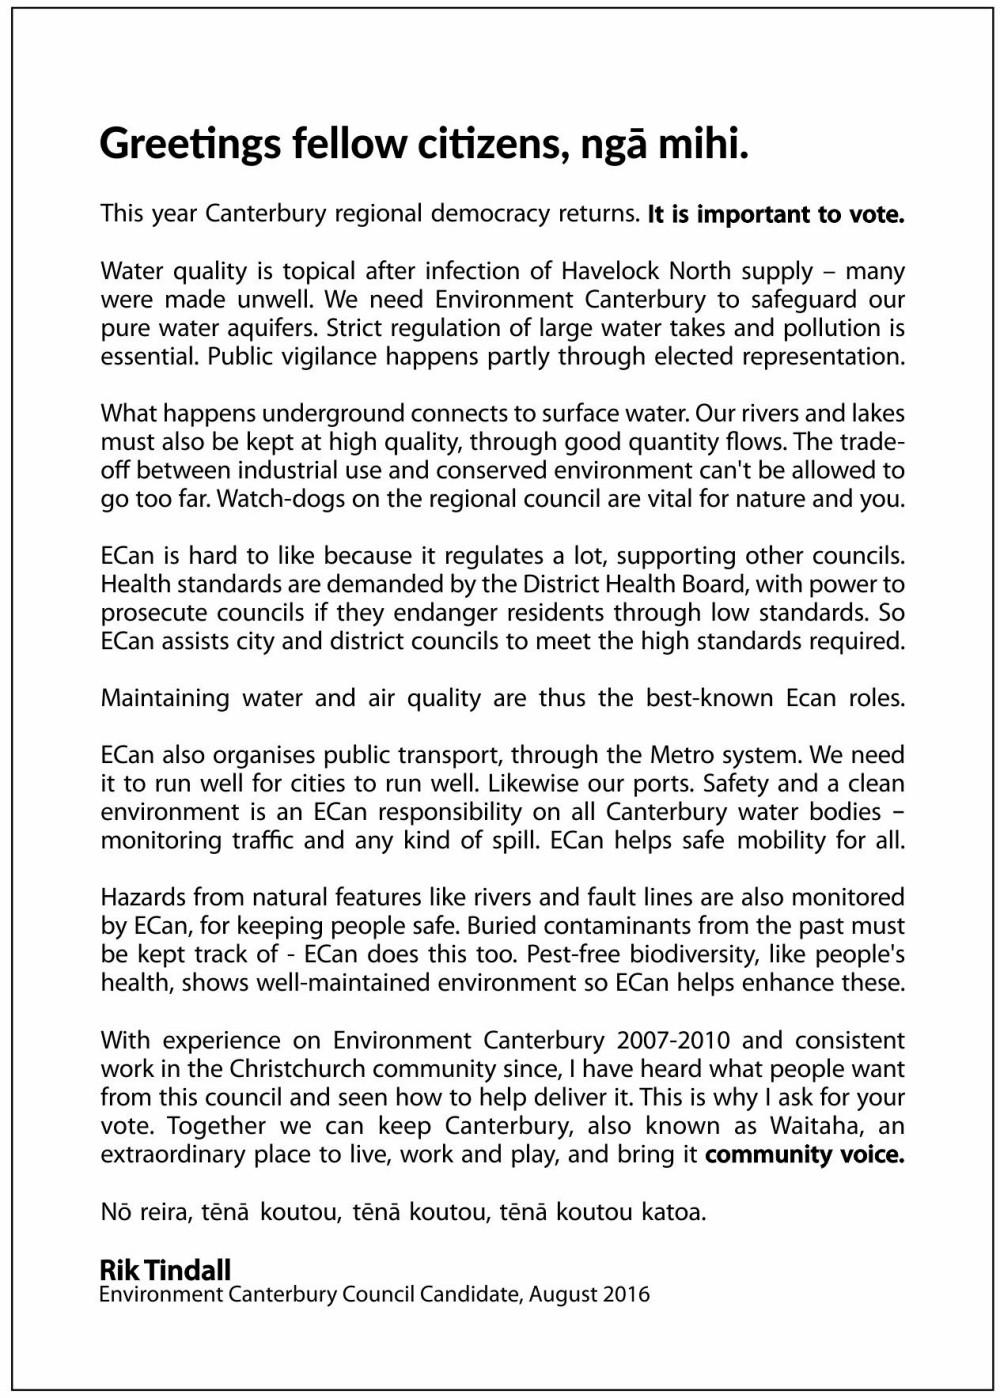 J024123 - Rik Tindall A6 Election Leaflets 2016